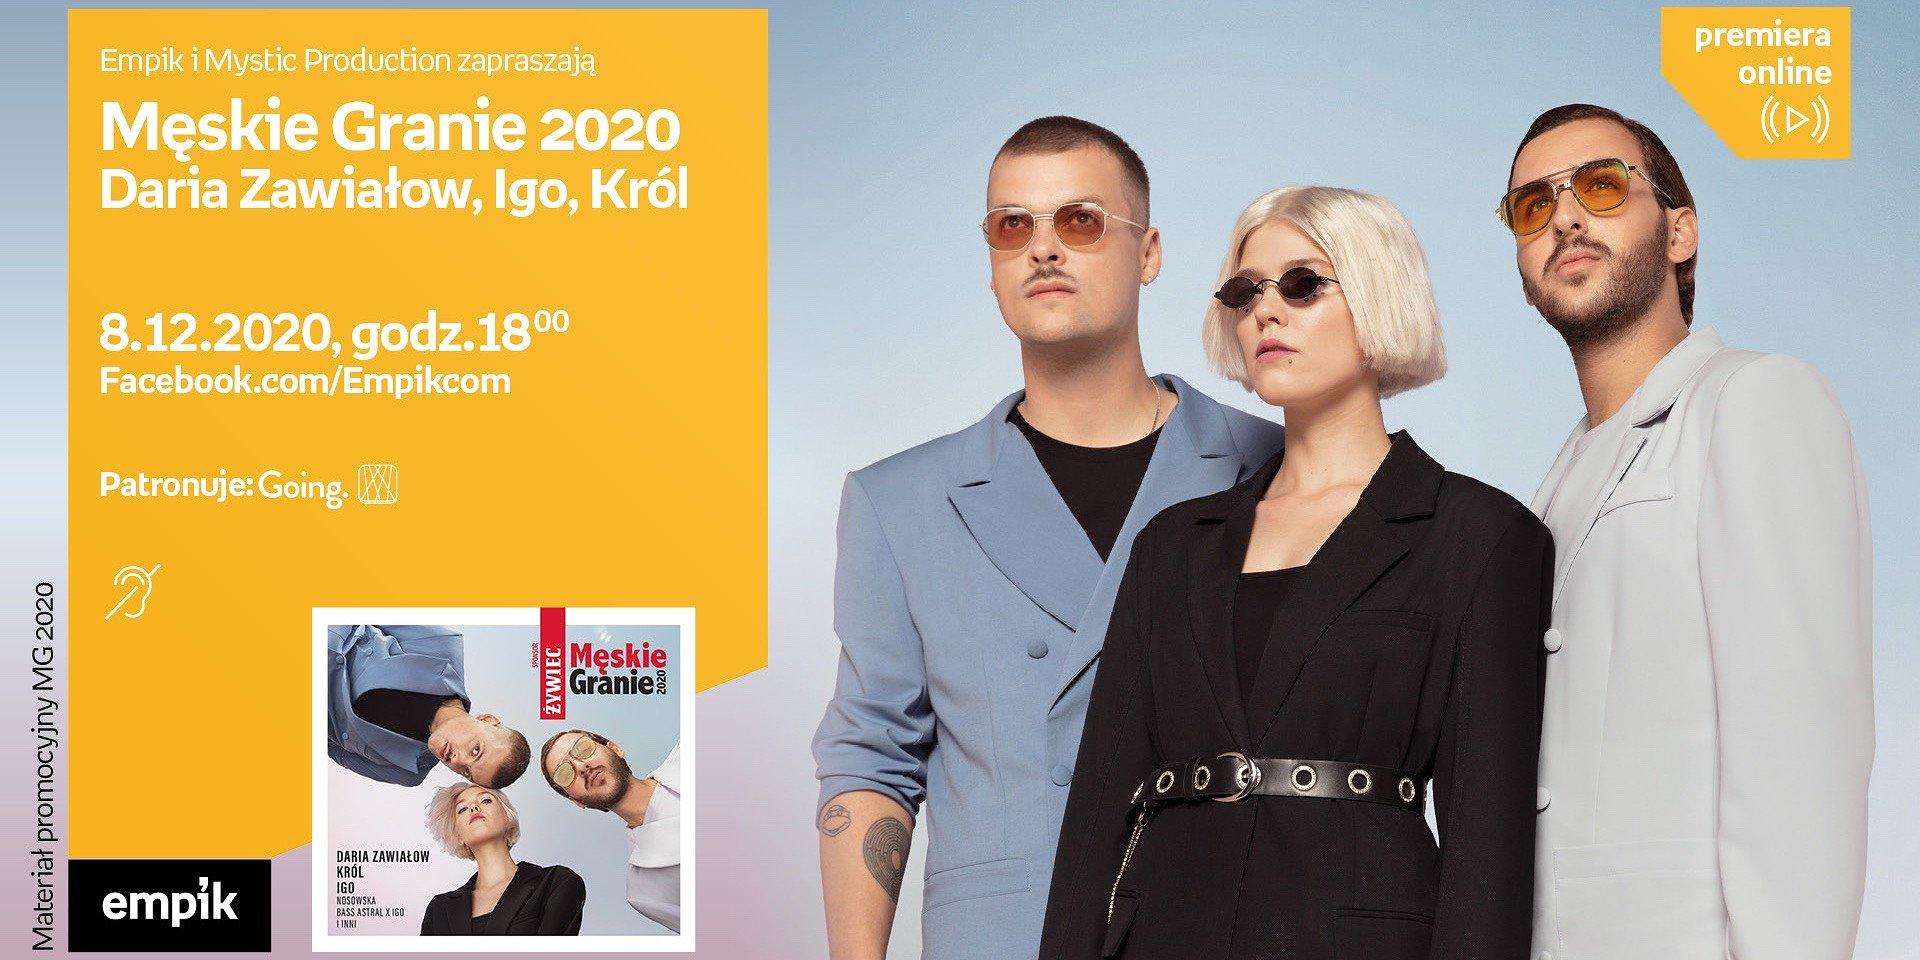 Spotkania online z polskimi artystami młodego pokolenia – Męskie Granie 2020 i Magda Bereda